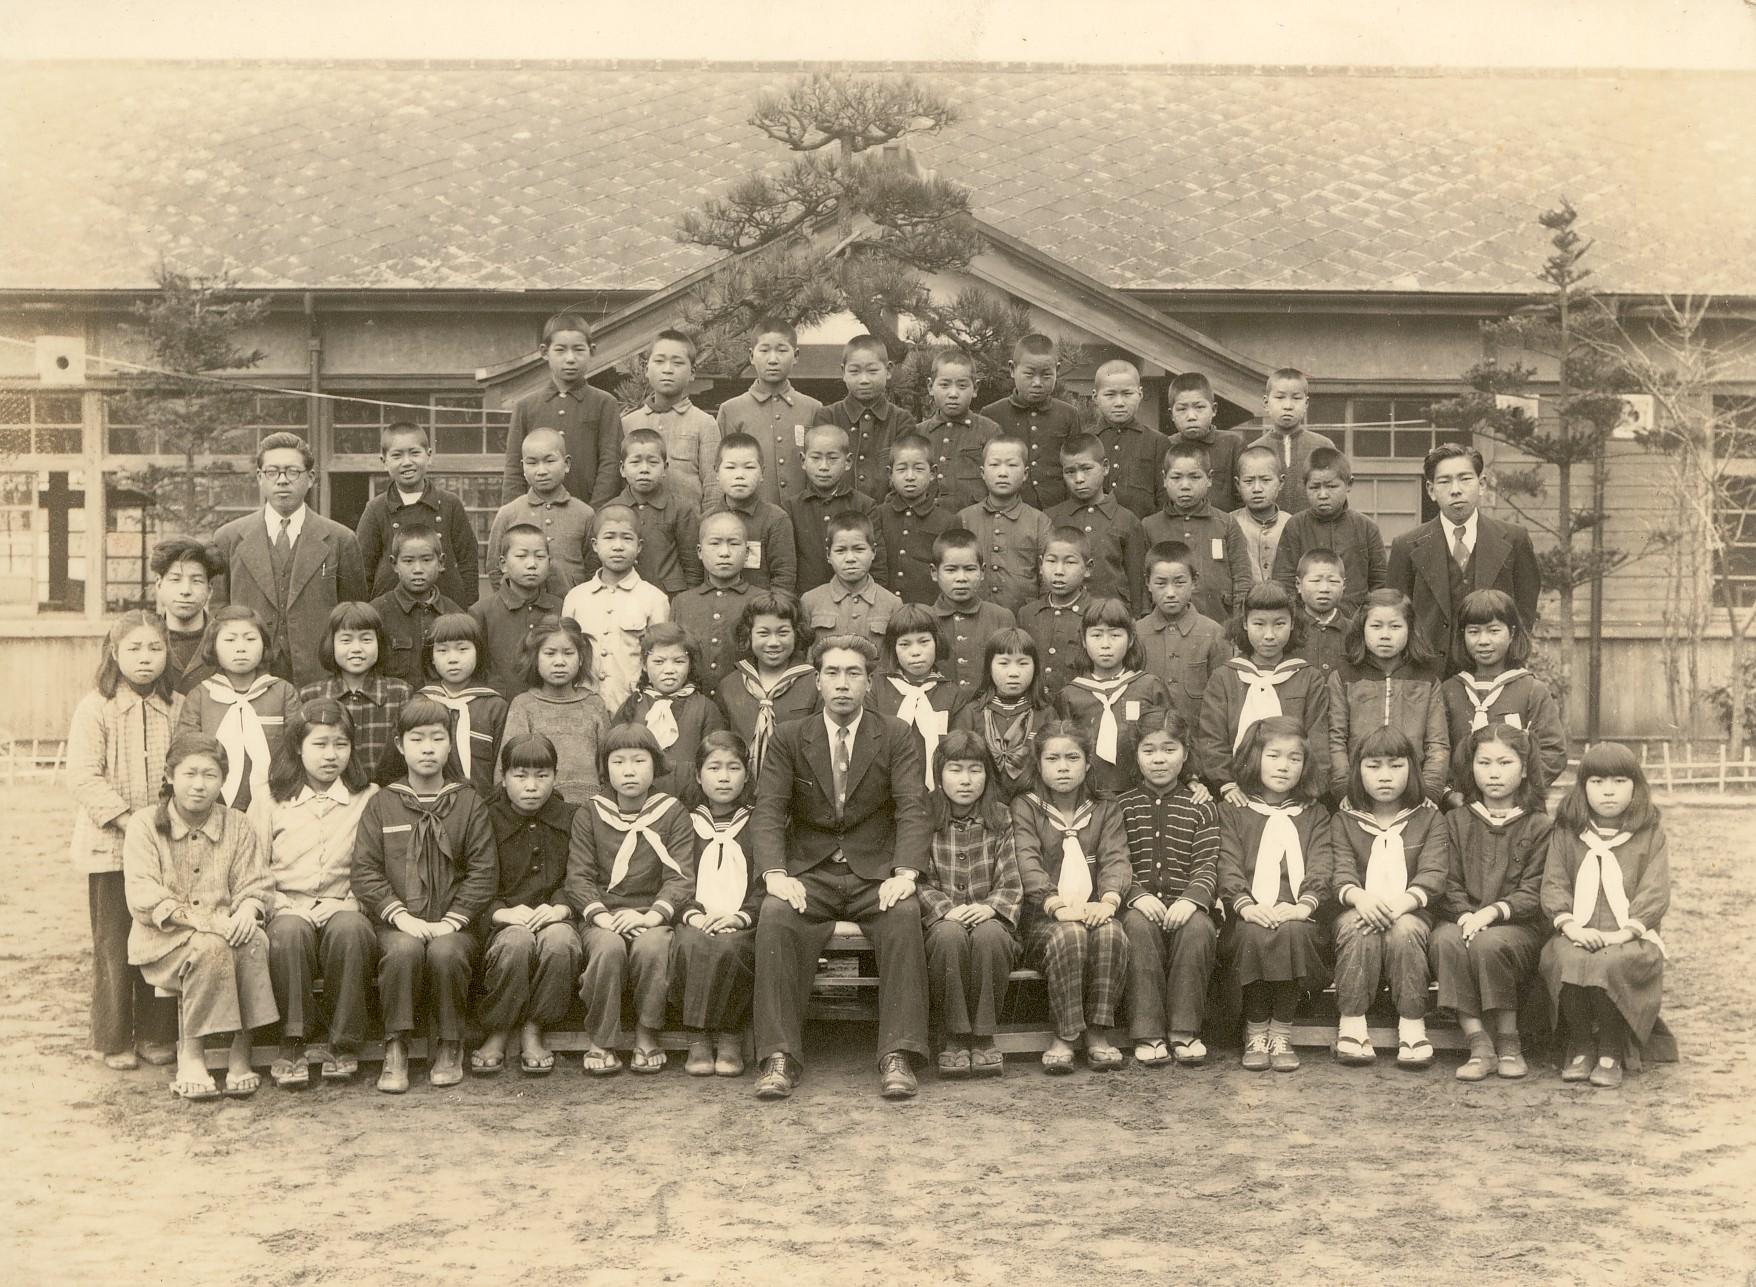 千葉幕張小卒業記念・恩師湯浅和先生と同級生 前から3列目右から4人目 1951年3月